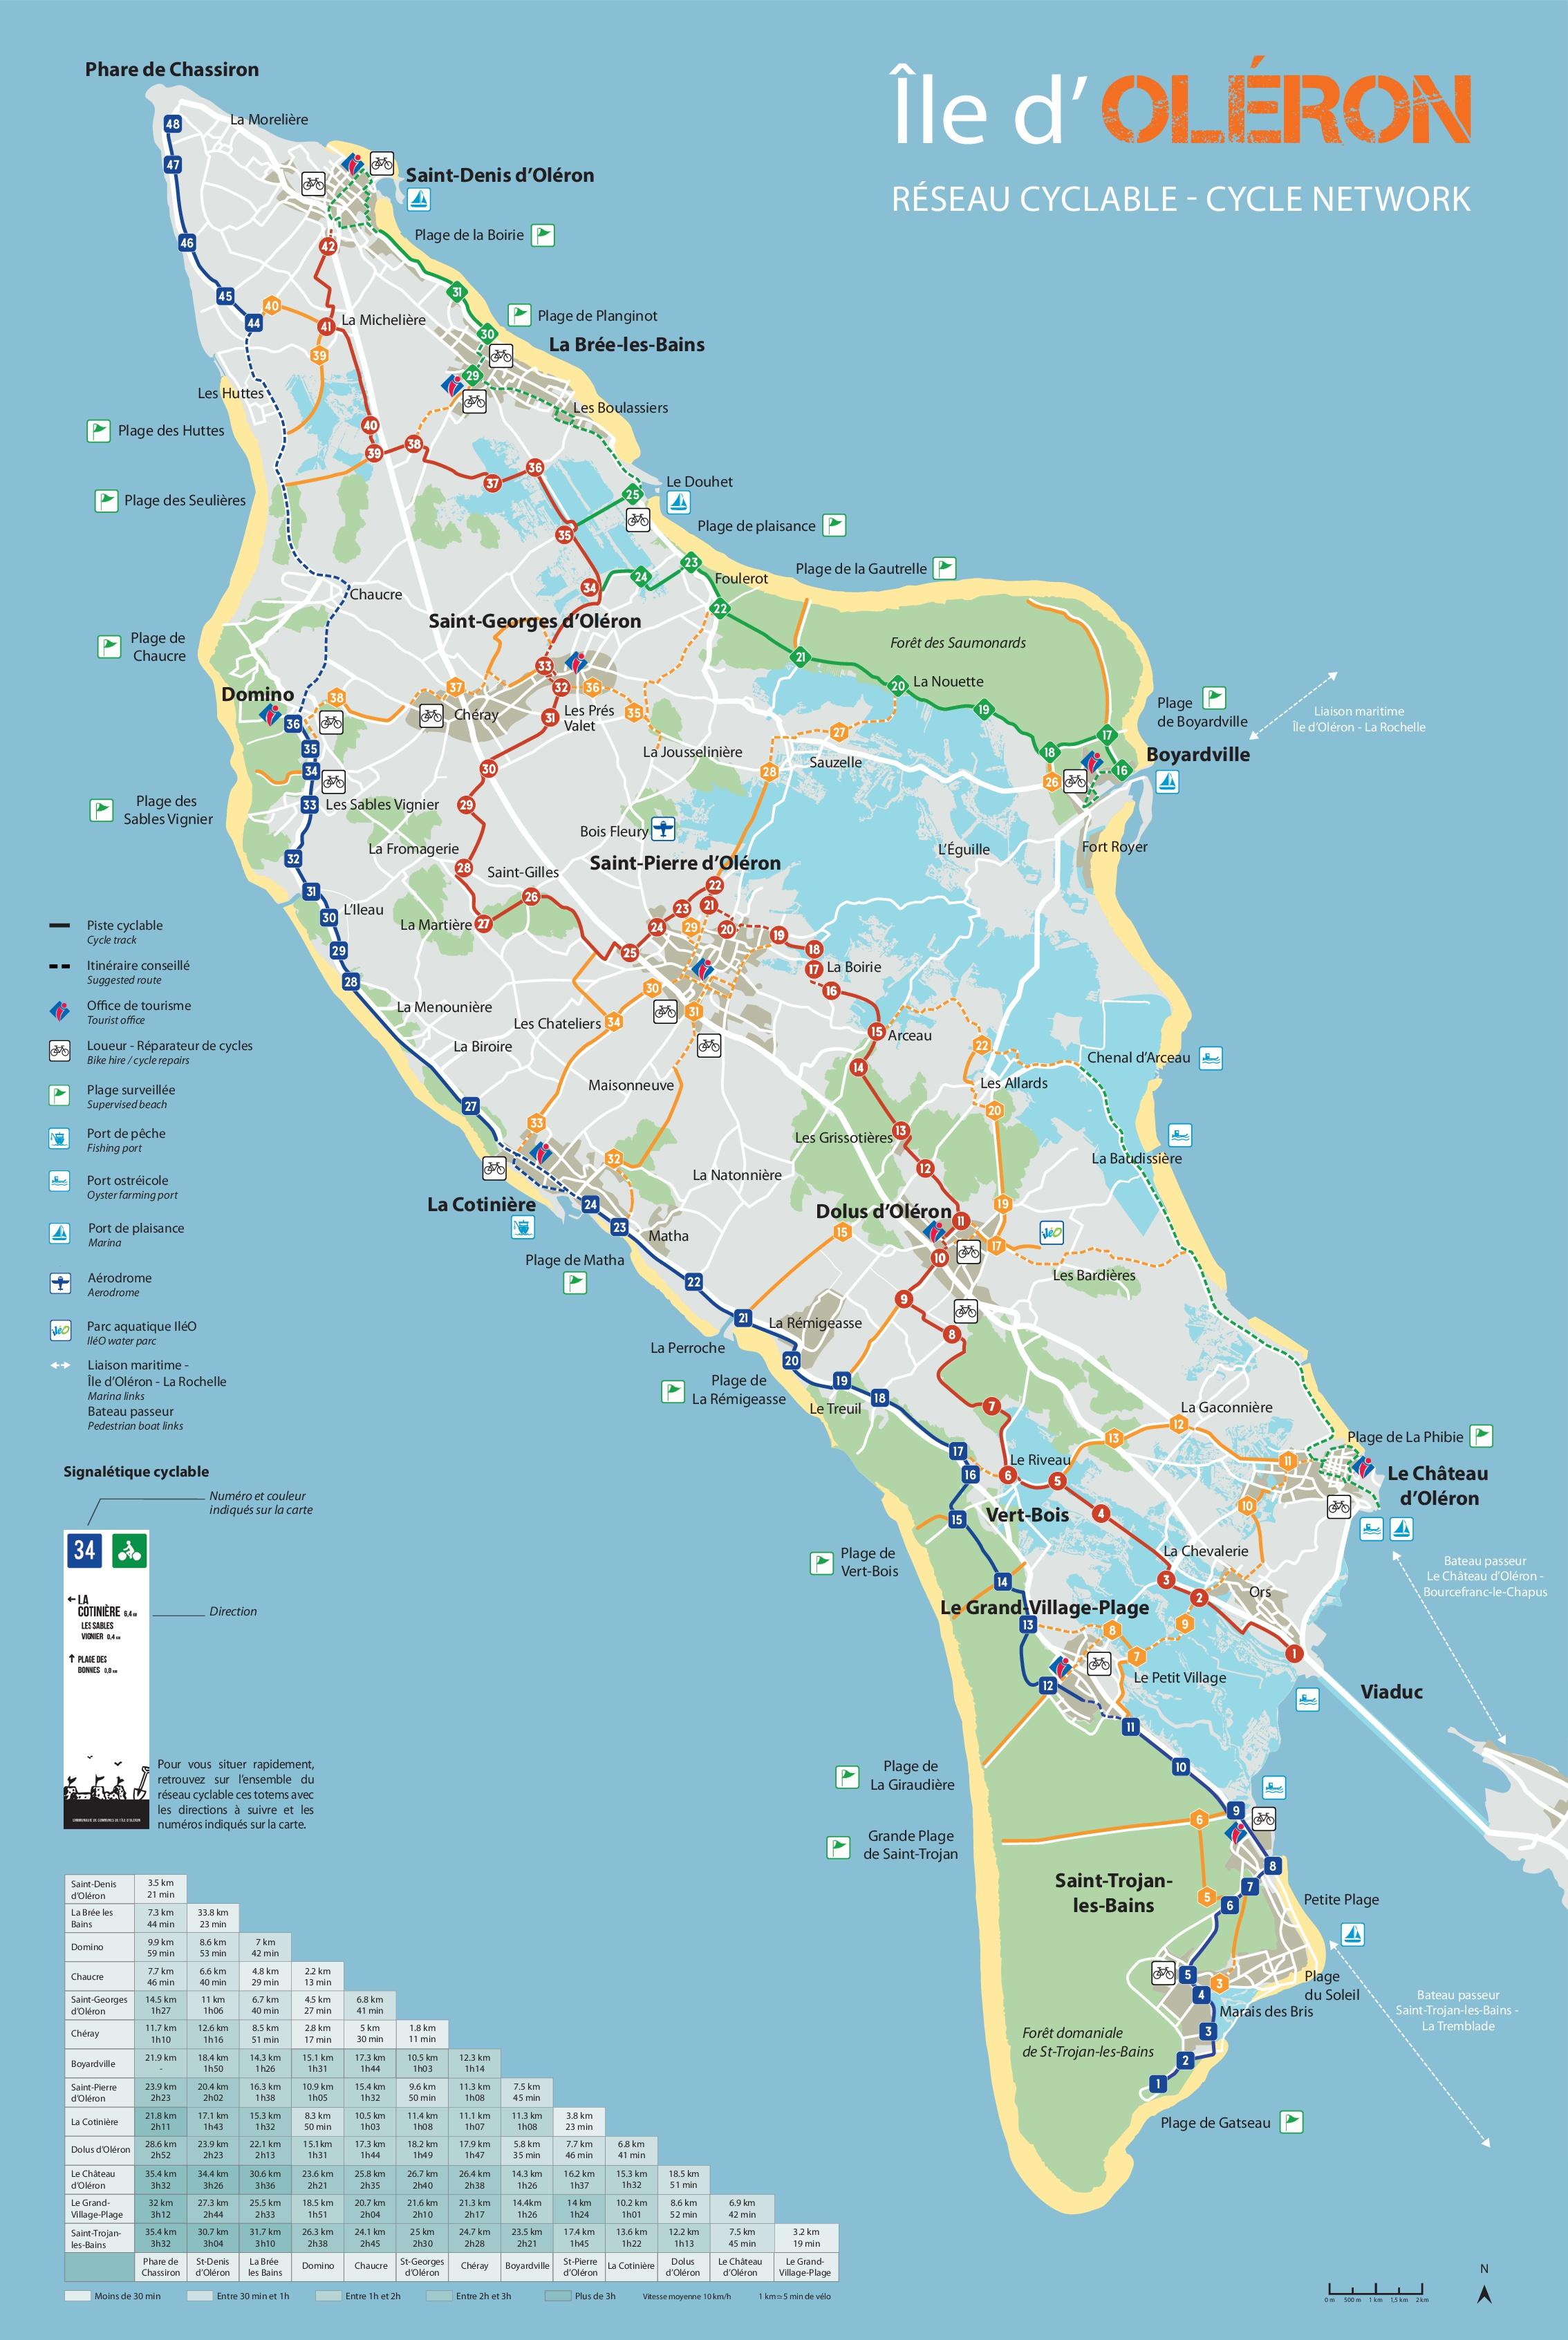 carte ile d oleron pdf Circuits des pistes cyclables de l'île d'Oléron